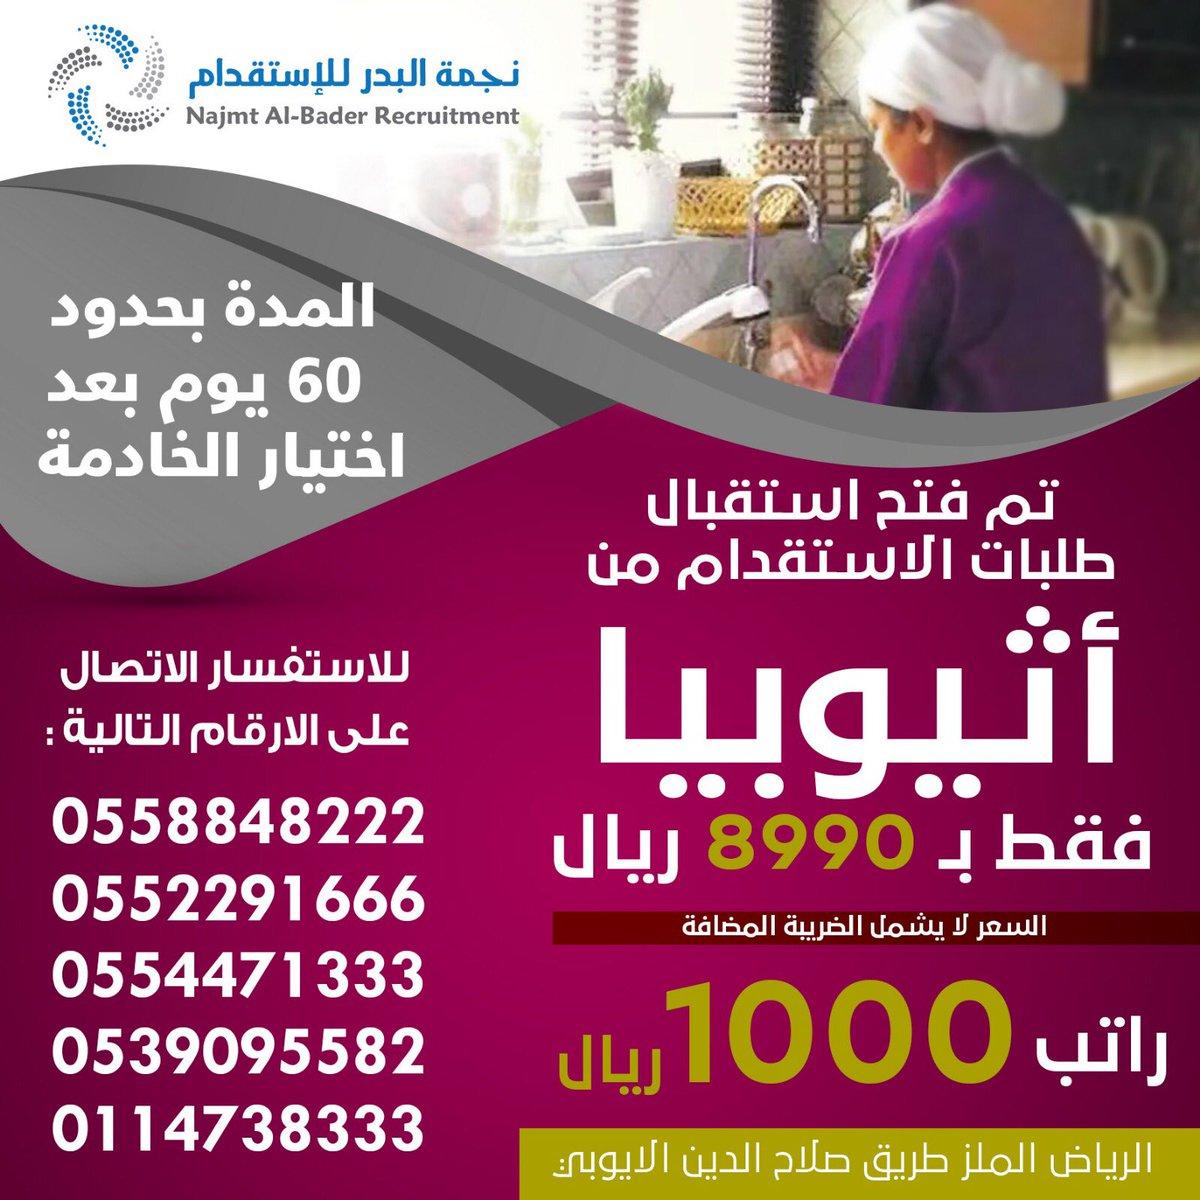 مكاتب الاستقدام في الرياض